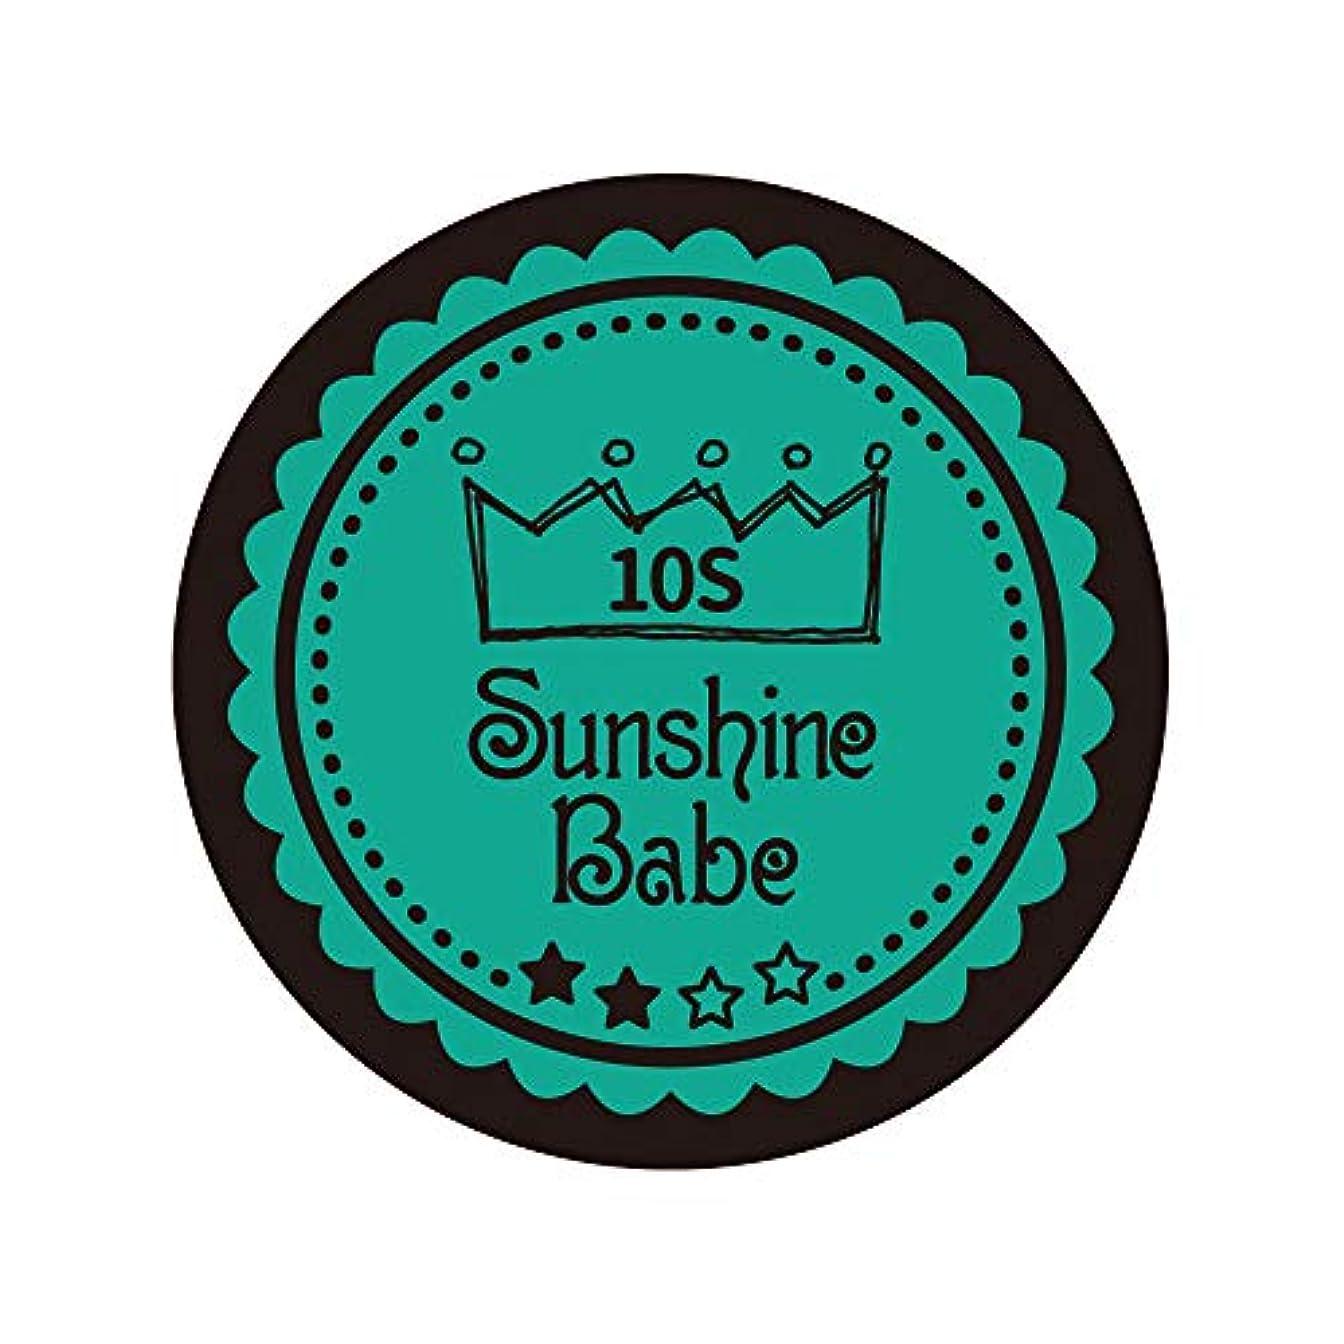 入札四半期義務Sunshine Babe カラージェル 10S アルカディア 2.7g UV/LED対応